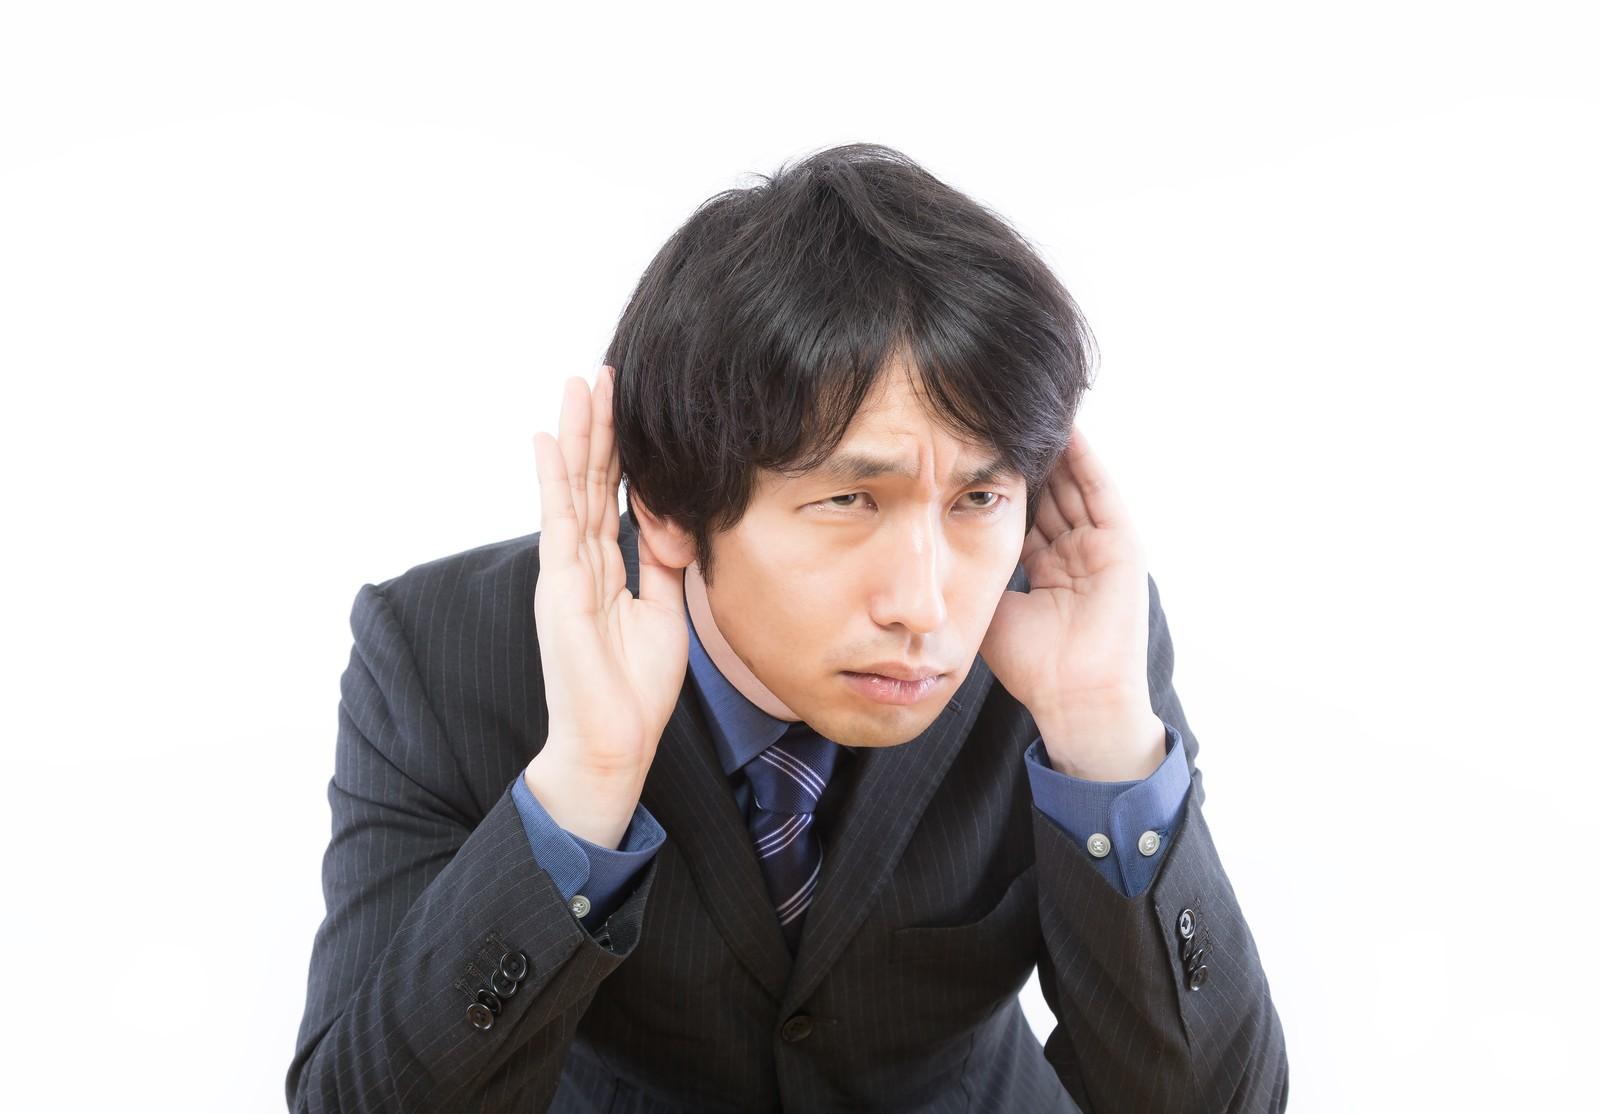 大阪,兵庫,神戸,和歌山,人間関係,愚痴聞き,話相手